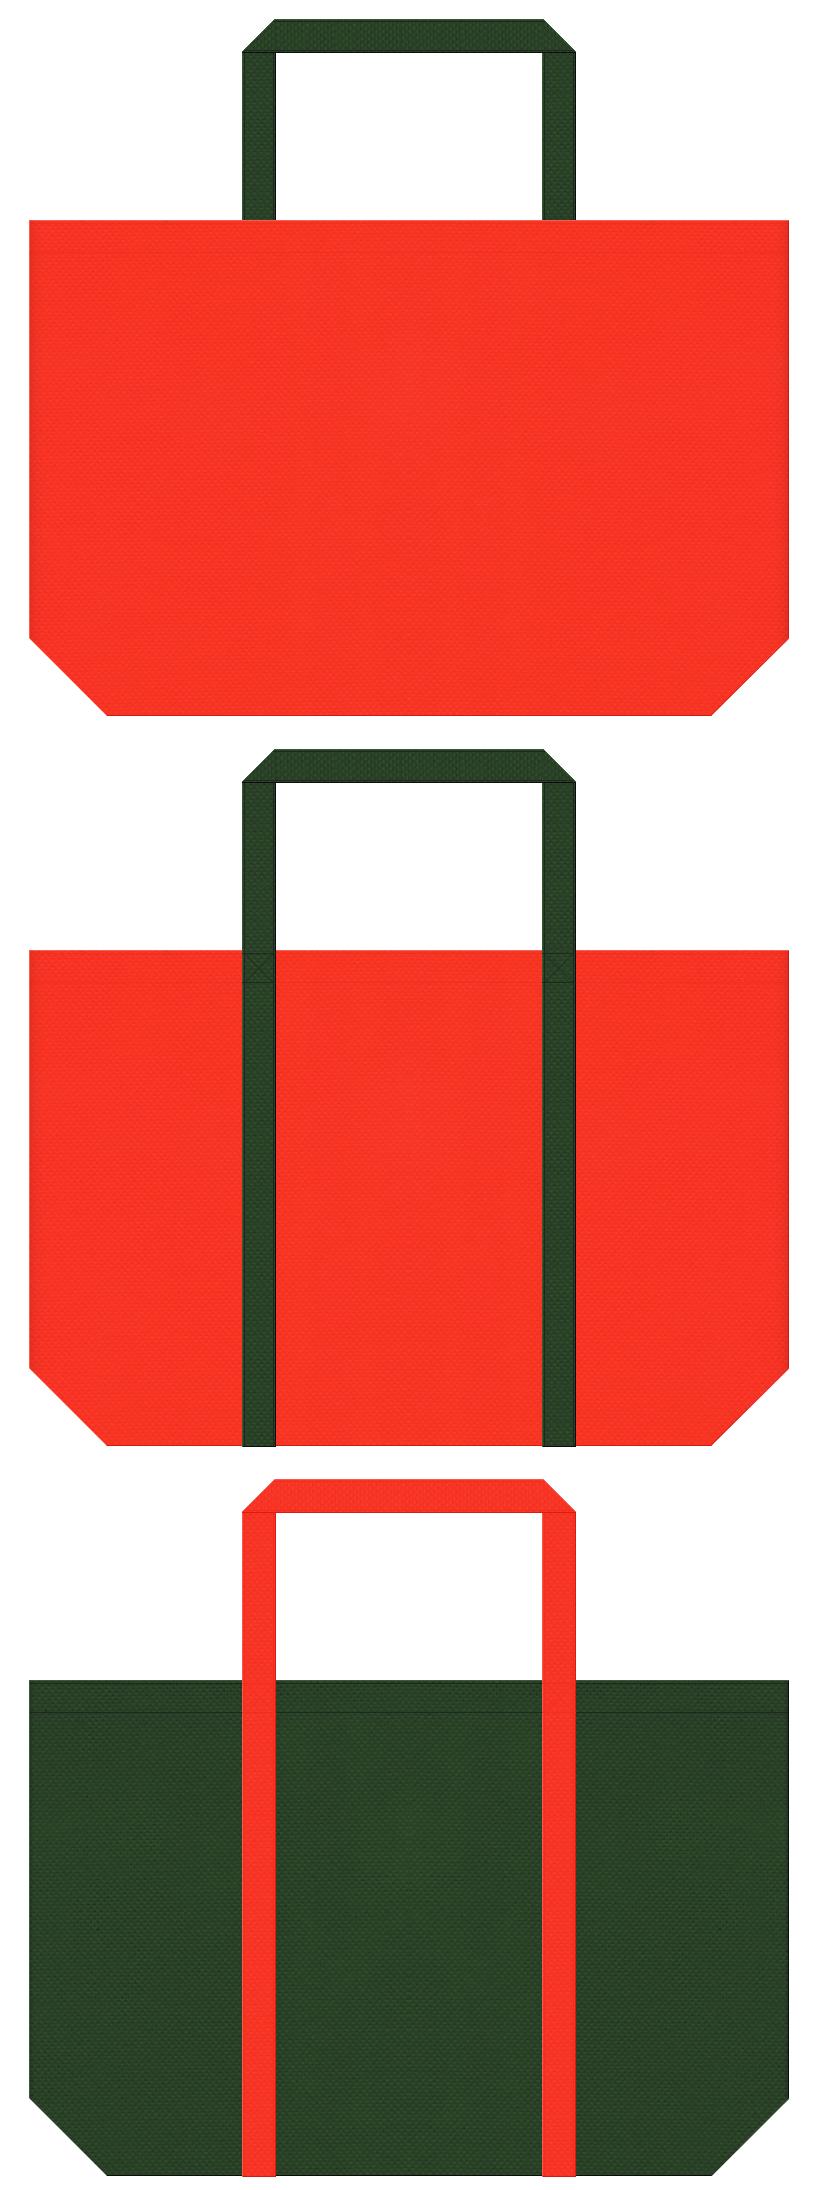 バーベキュー・登山・アウトドア・キャンプ用品・かぼちゃ・にんじん・柿・ハロウィンにお奨めの不織布バッグデザイン:オレンジ色と濃緑色のコーデ